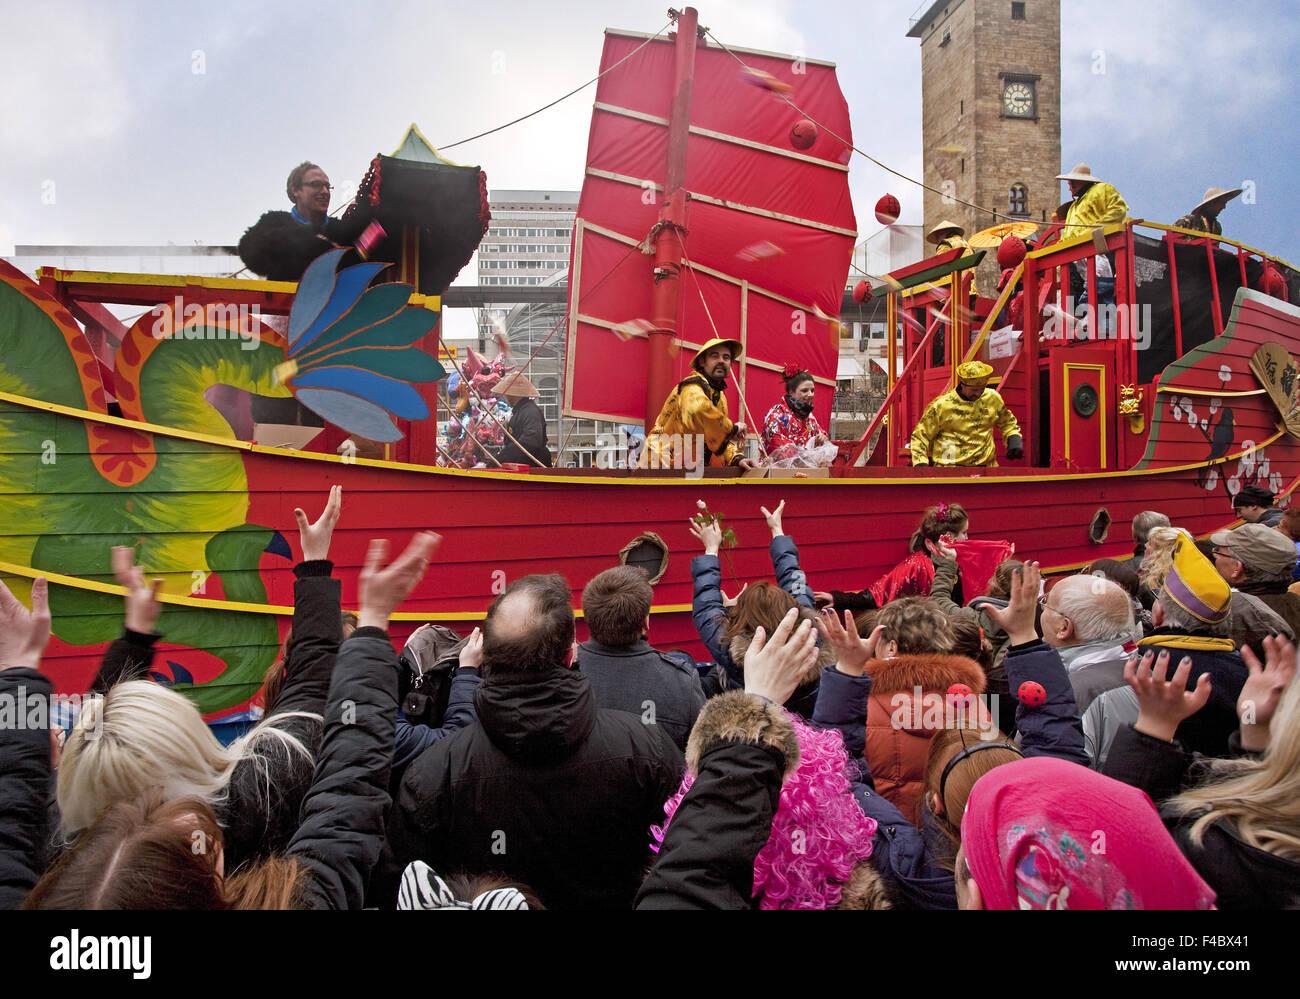 Sfilata di Carnevale, Hagen, Germania Immagini Stock